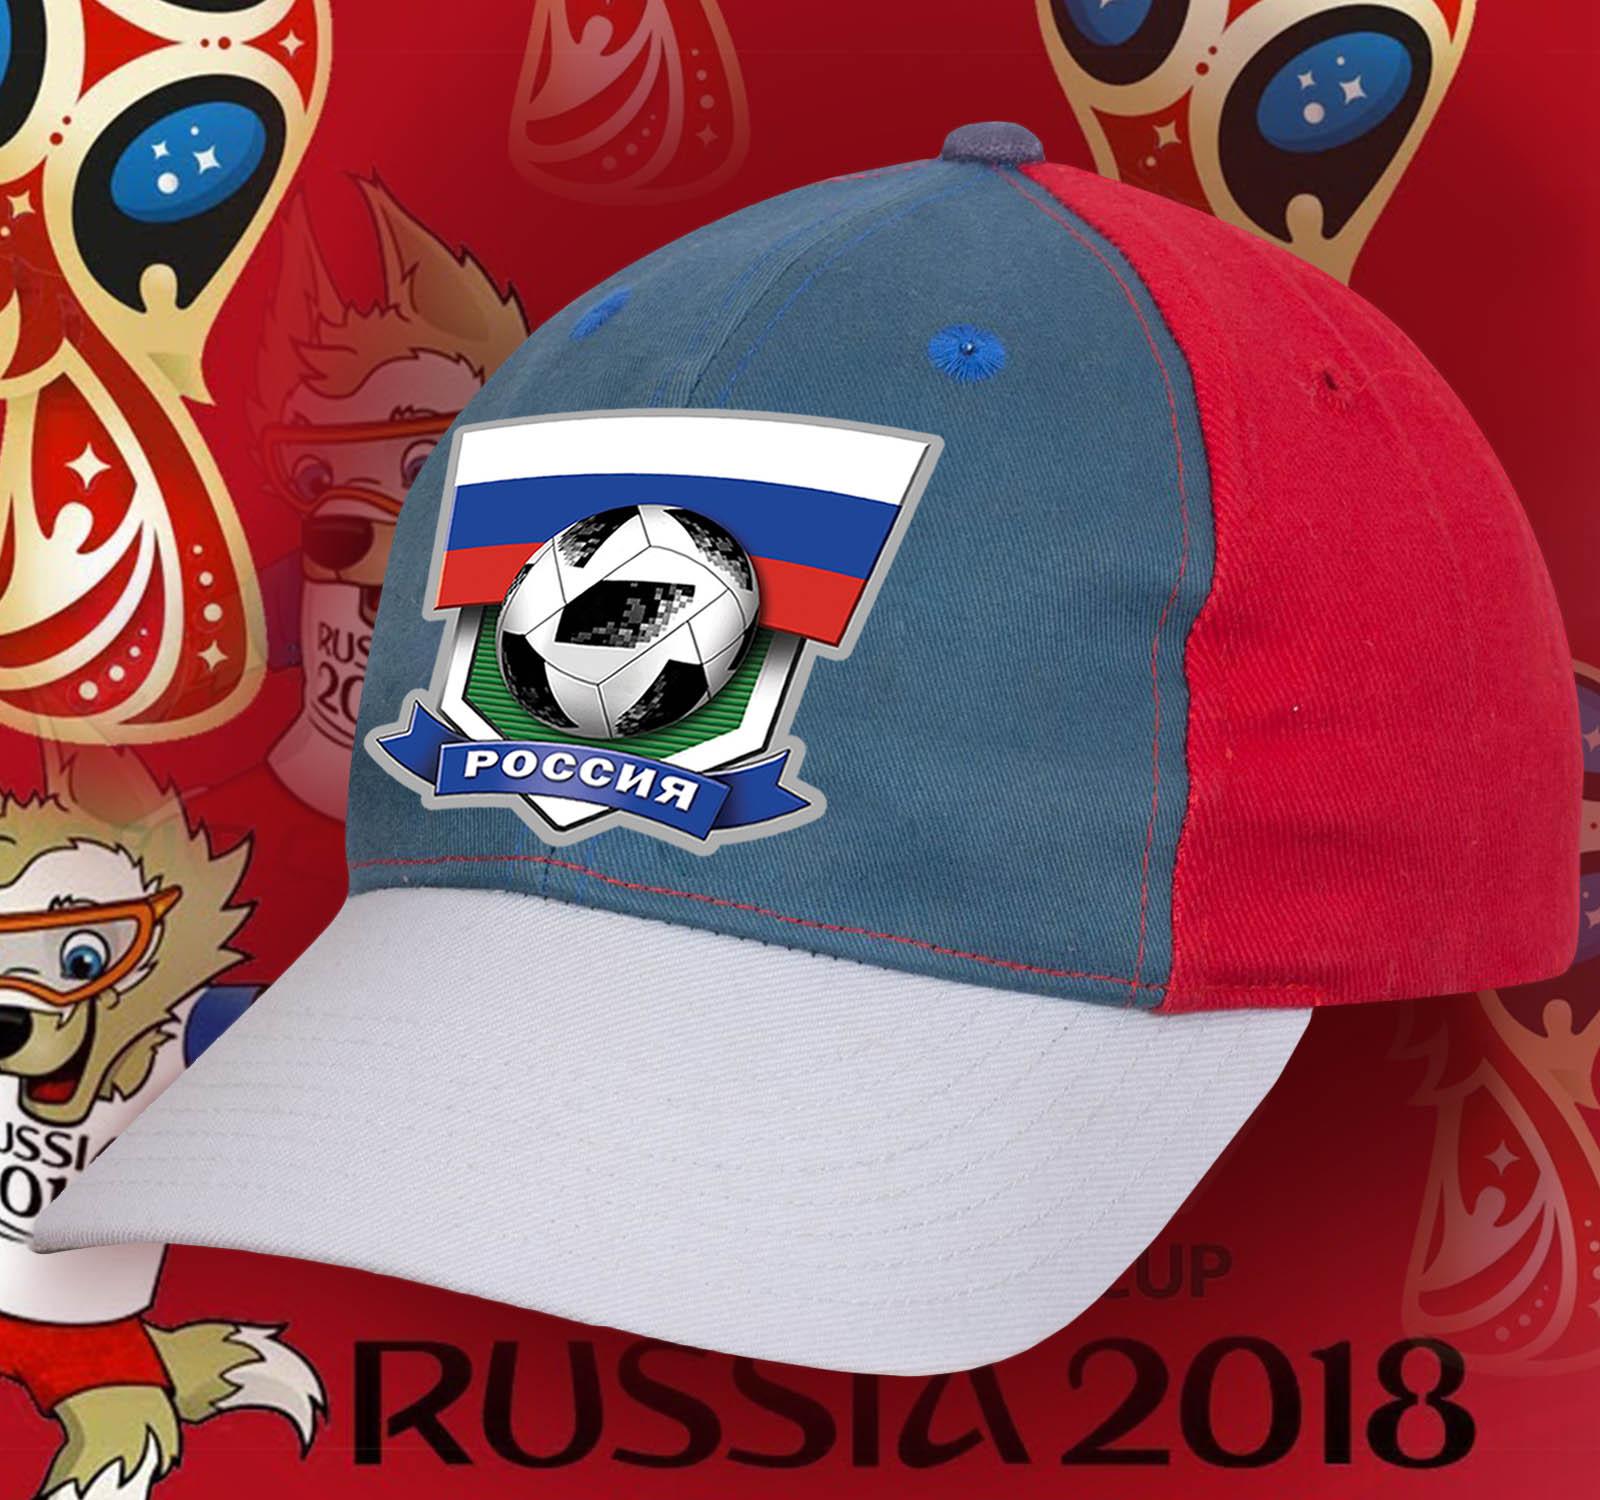 Трехцветная бейсболка Россия.